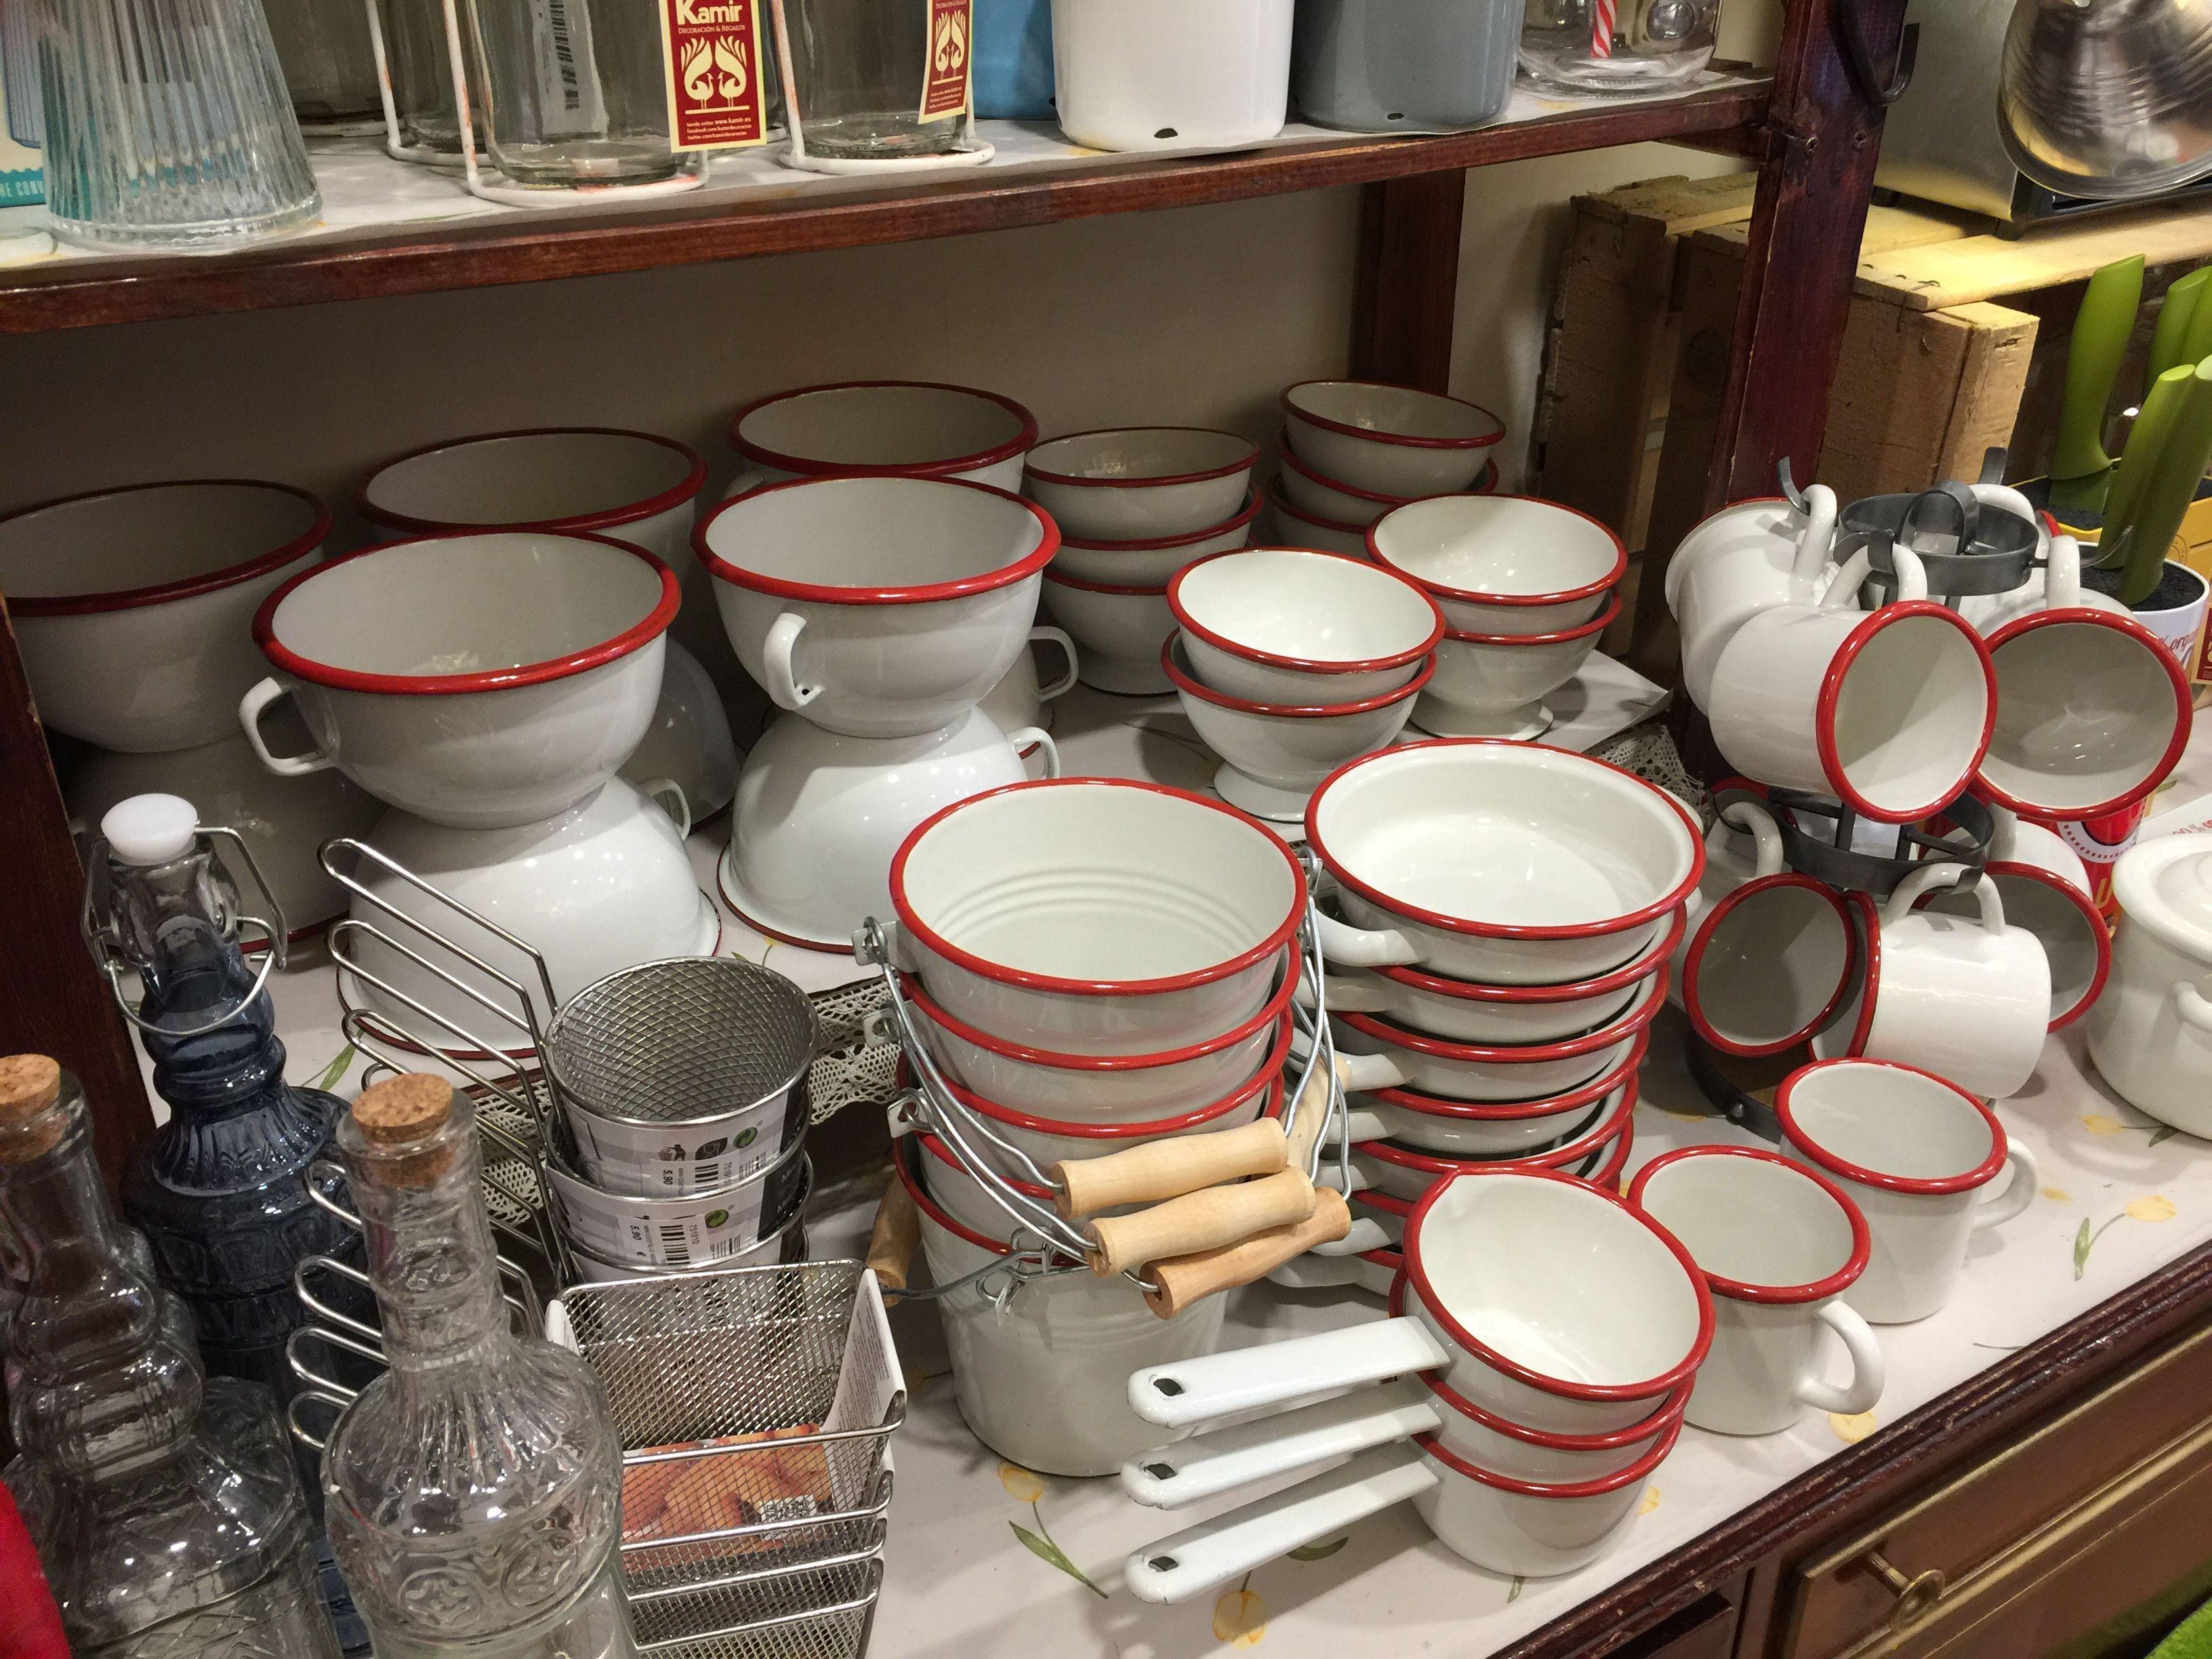 en una cocina de estilo vintage no puede faltar esta vajilla de acero esmaltado online